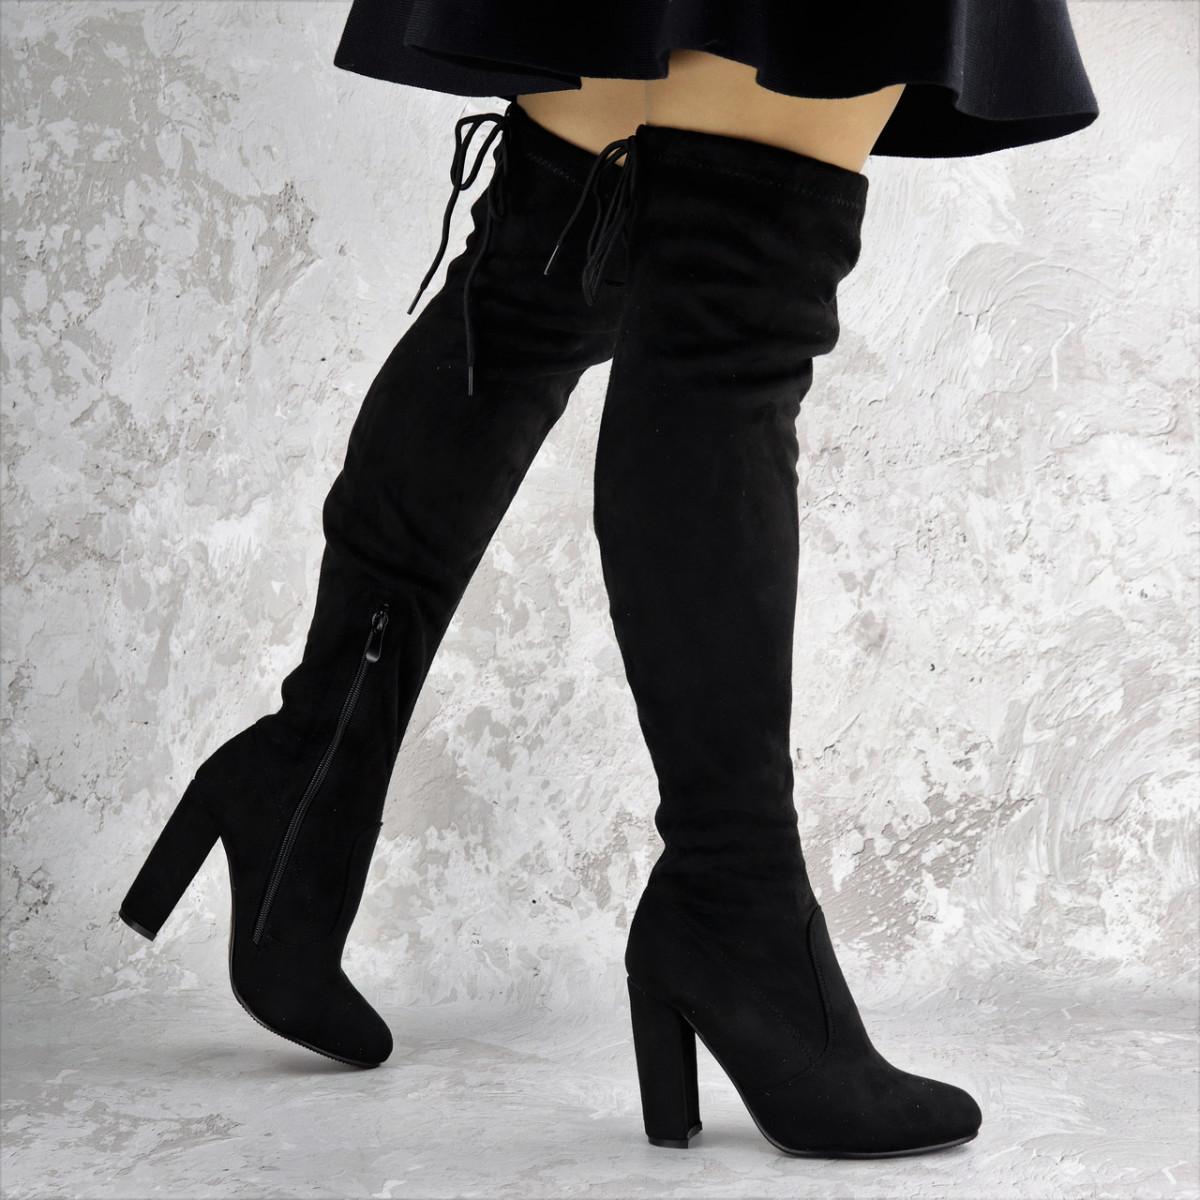 Женские ботфорты Vanilla черные на каблуке 1429 (40 размер)